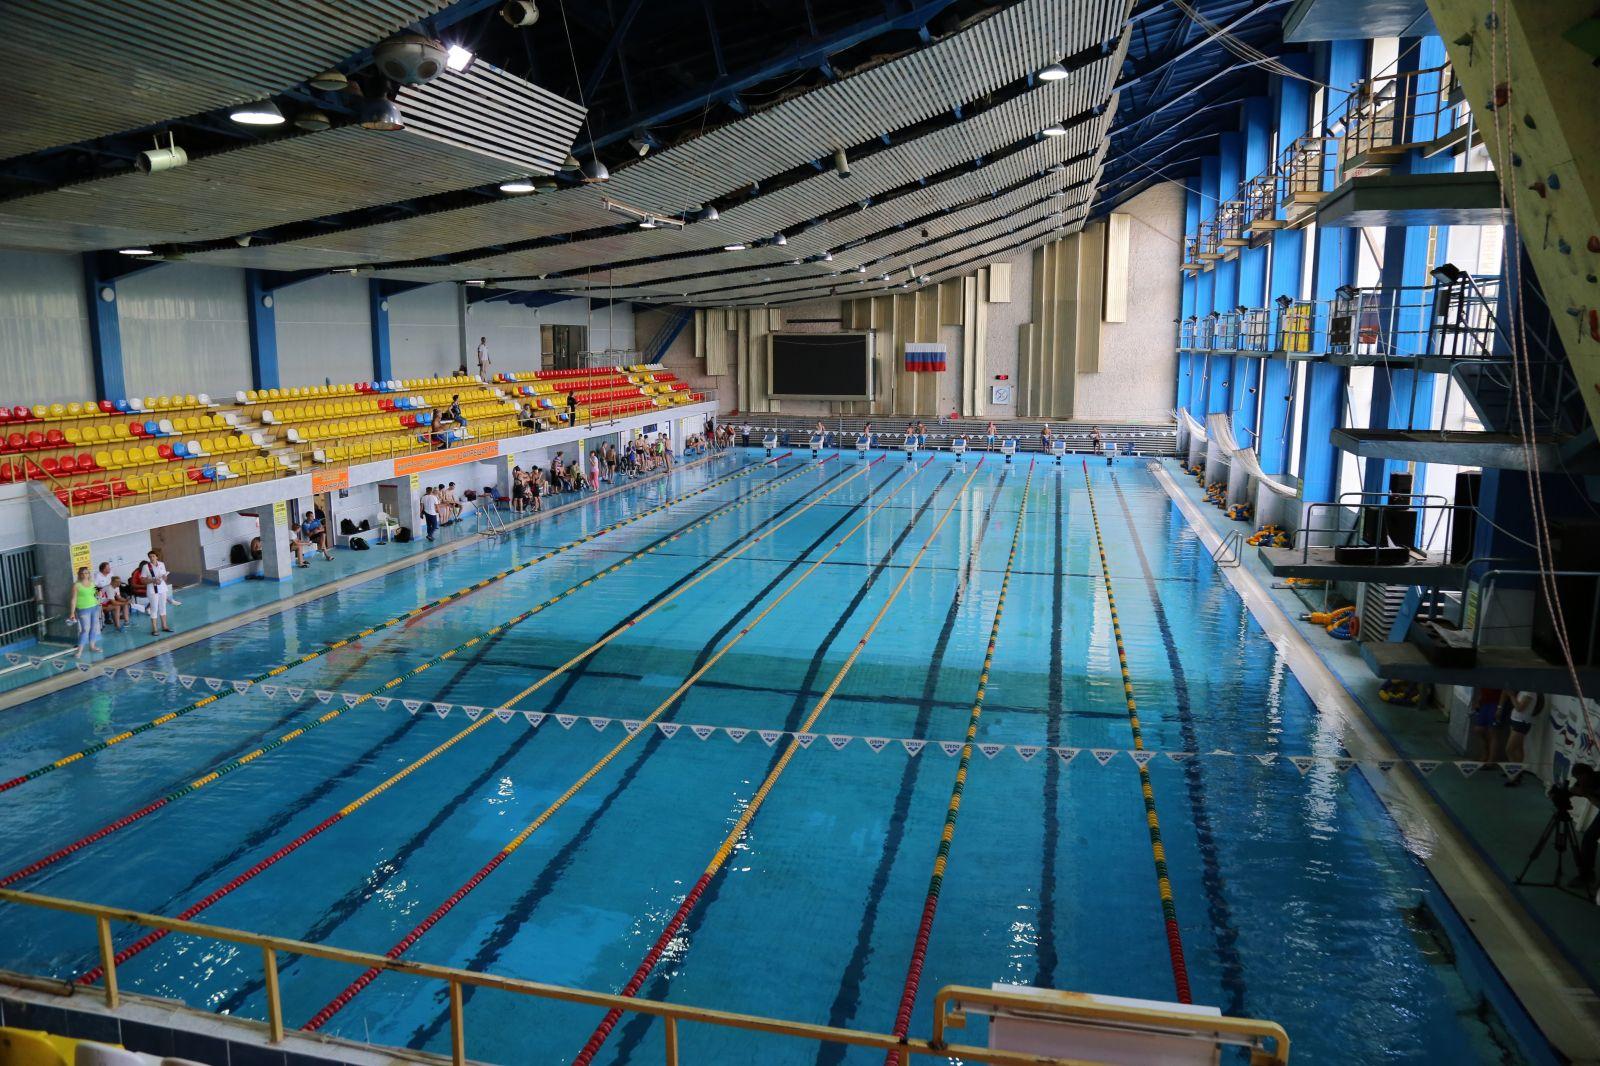 Москва выиграла общекомандный зачет первенства России по плаванию спорта слепых, завершившегося в Раменском